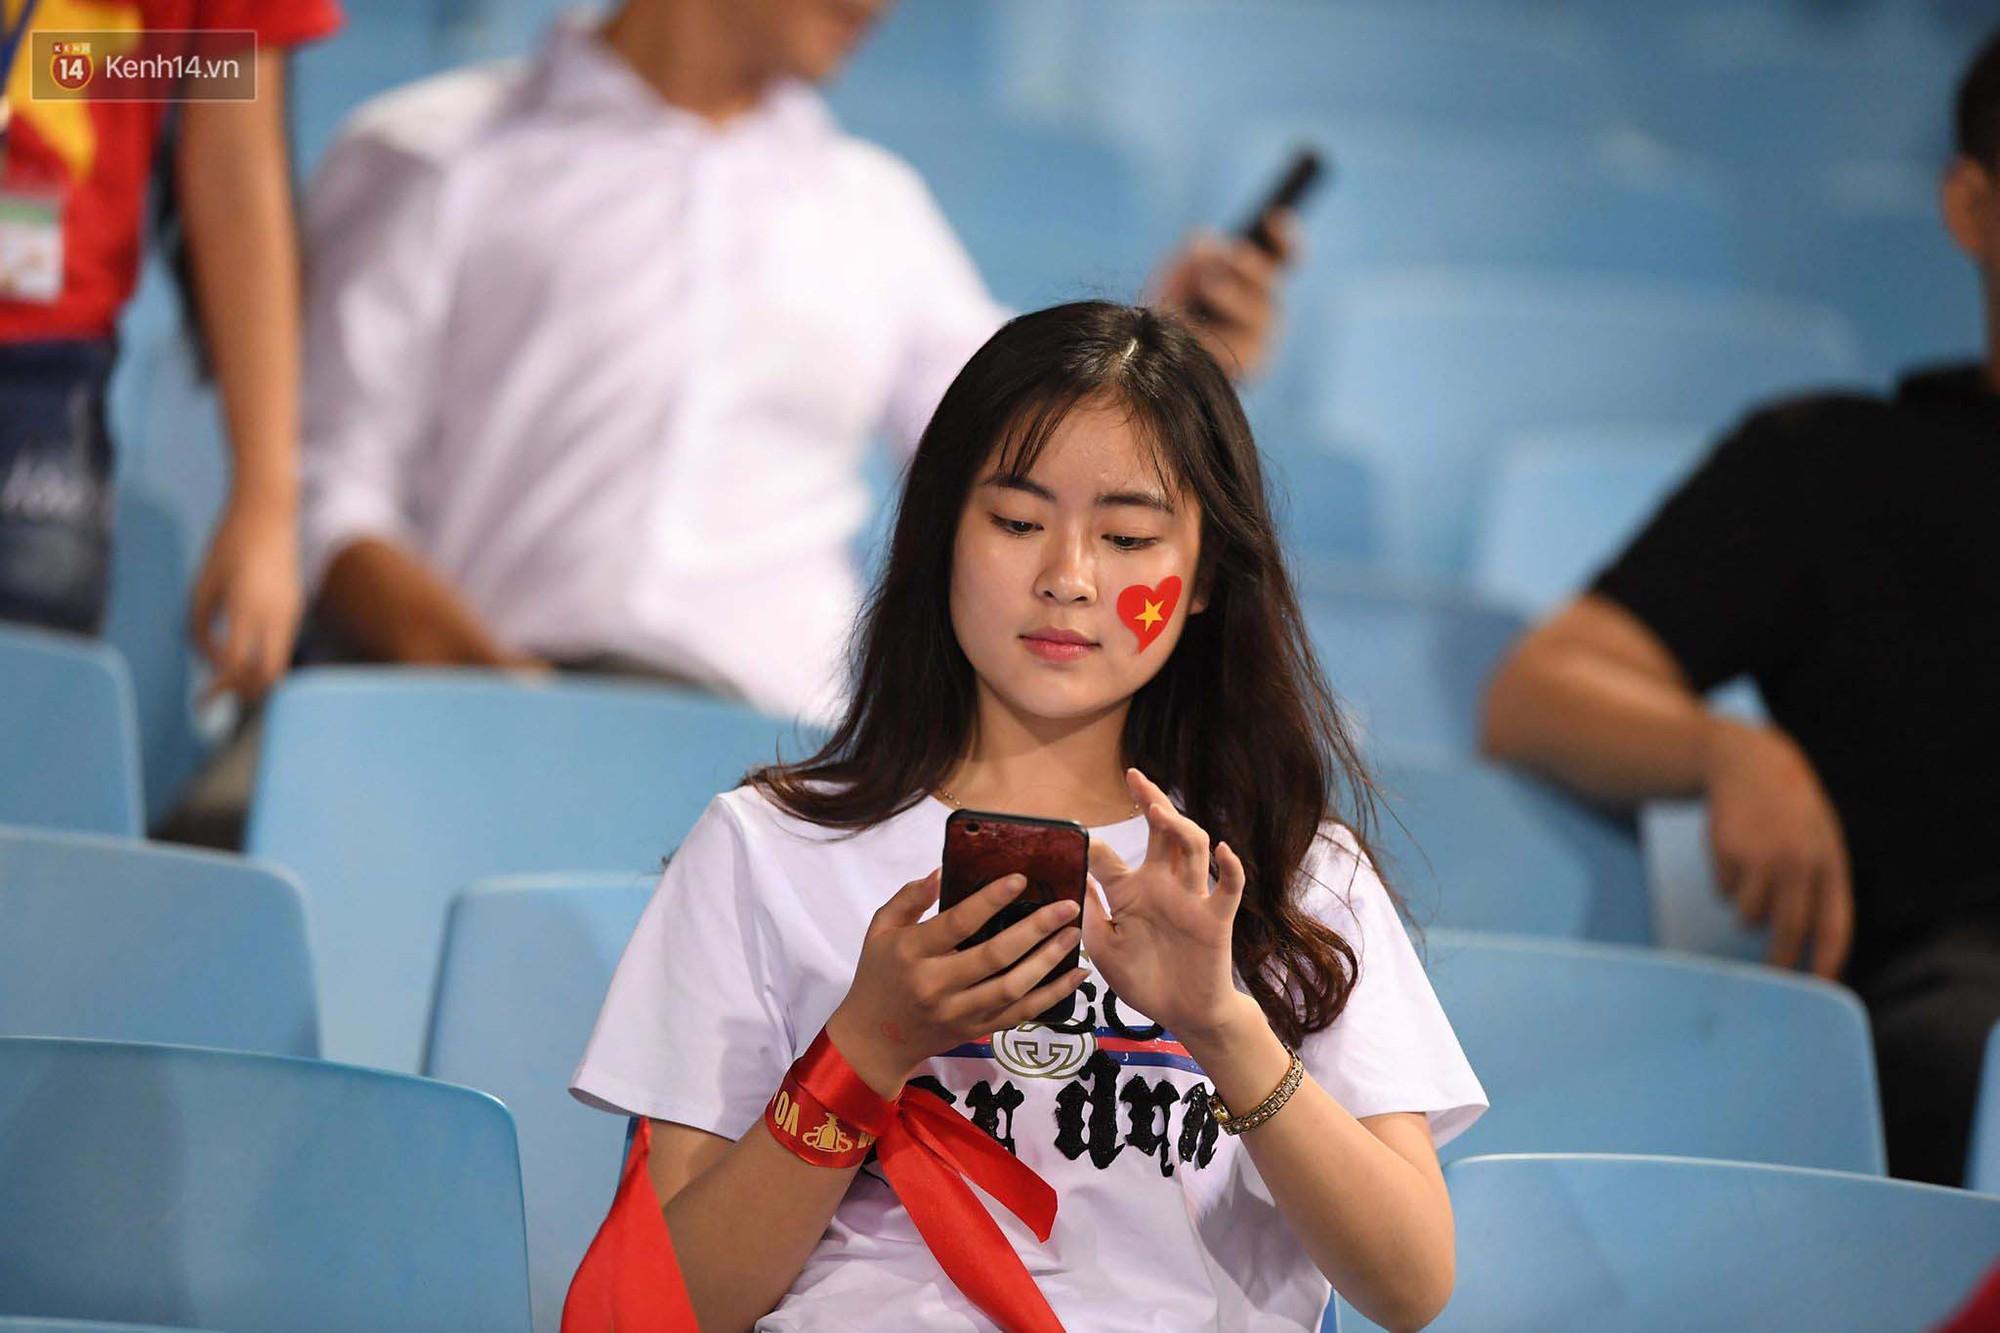 Loạt fan girl xinh xắn chiếm sóng tại Mỹ Đình trước trận bán kết Việt Nam - Philippines - Ảnh 13.